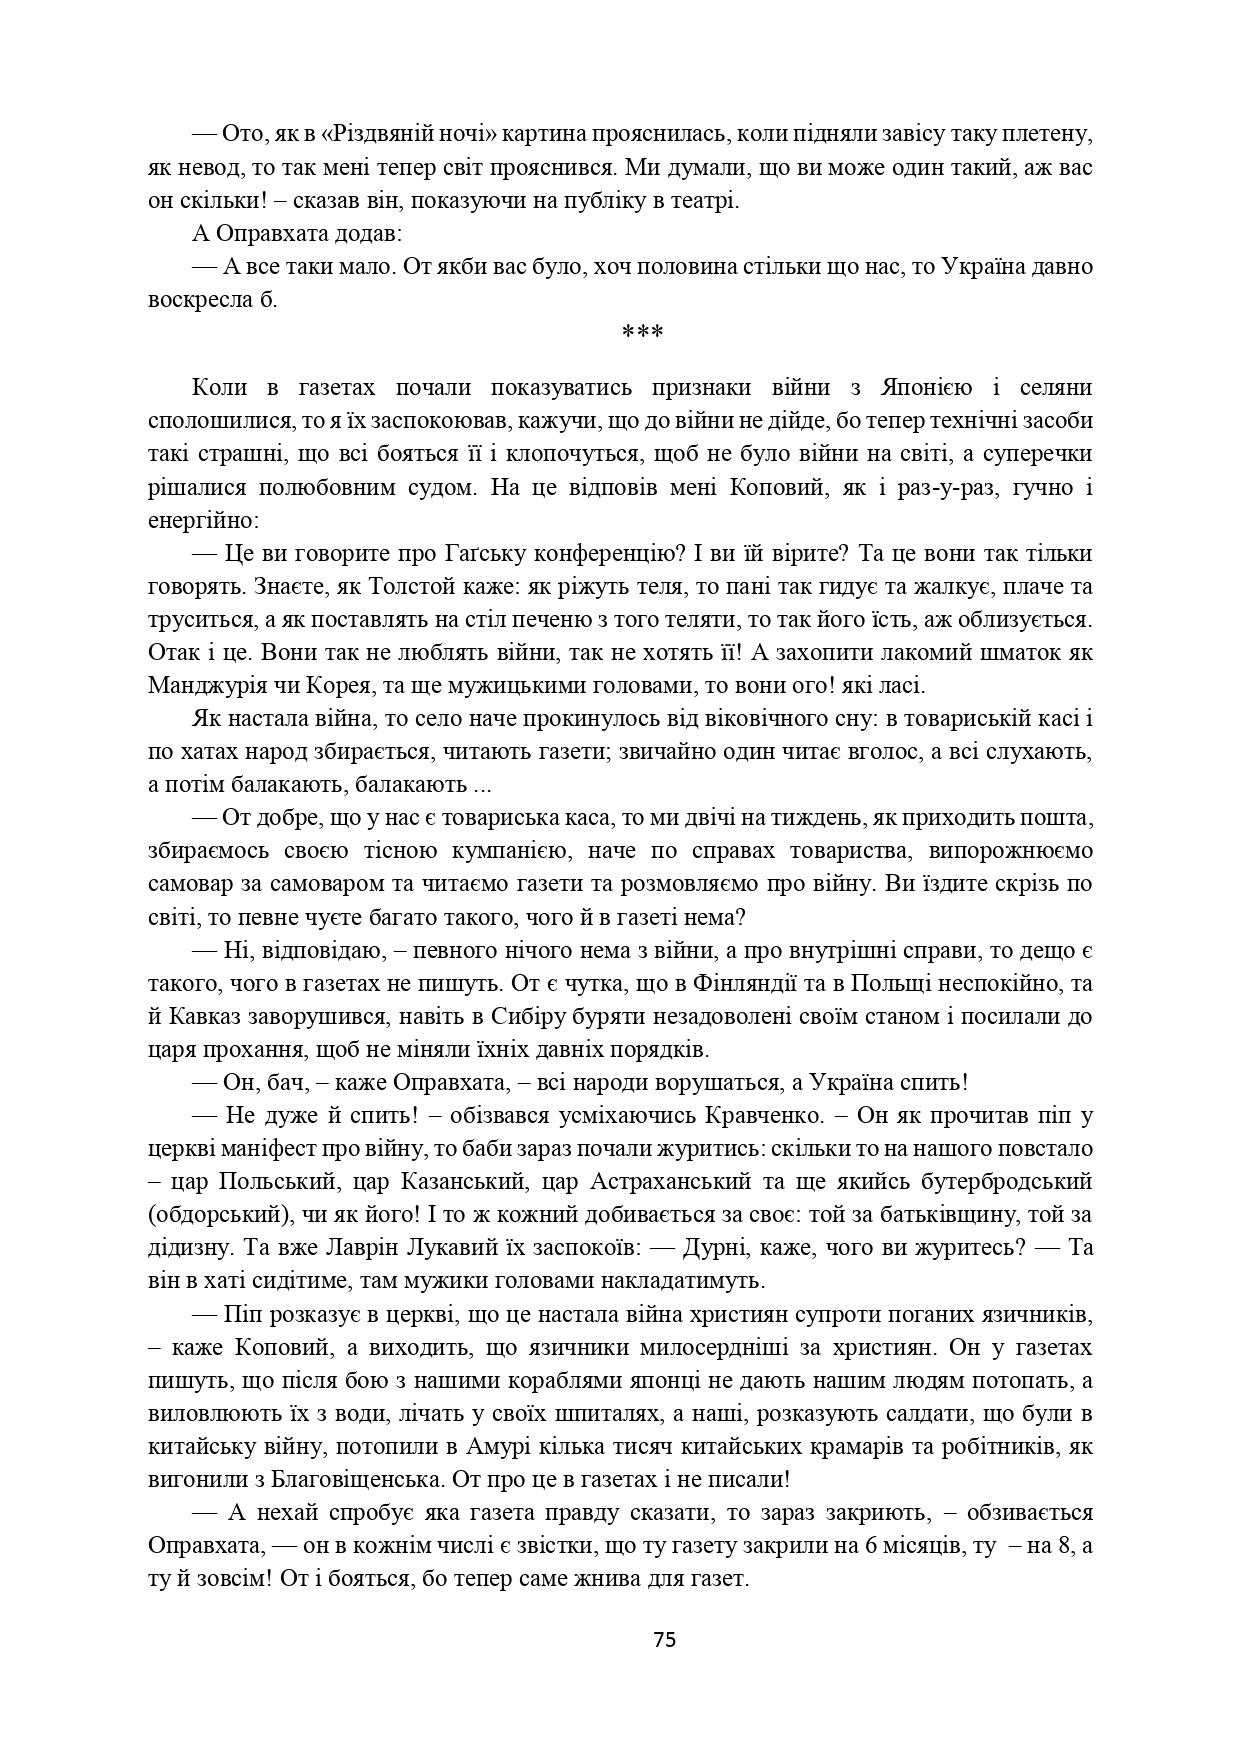 ІСТОРІЯ СЕЛА КОНОНІВКА 2021 (1)_page-0075